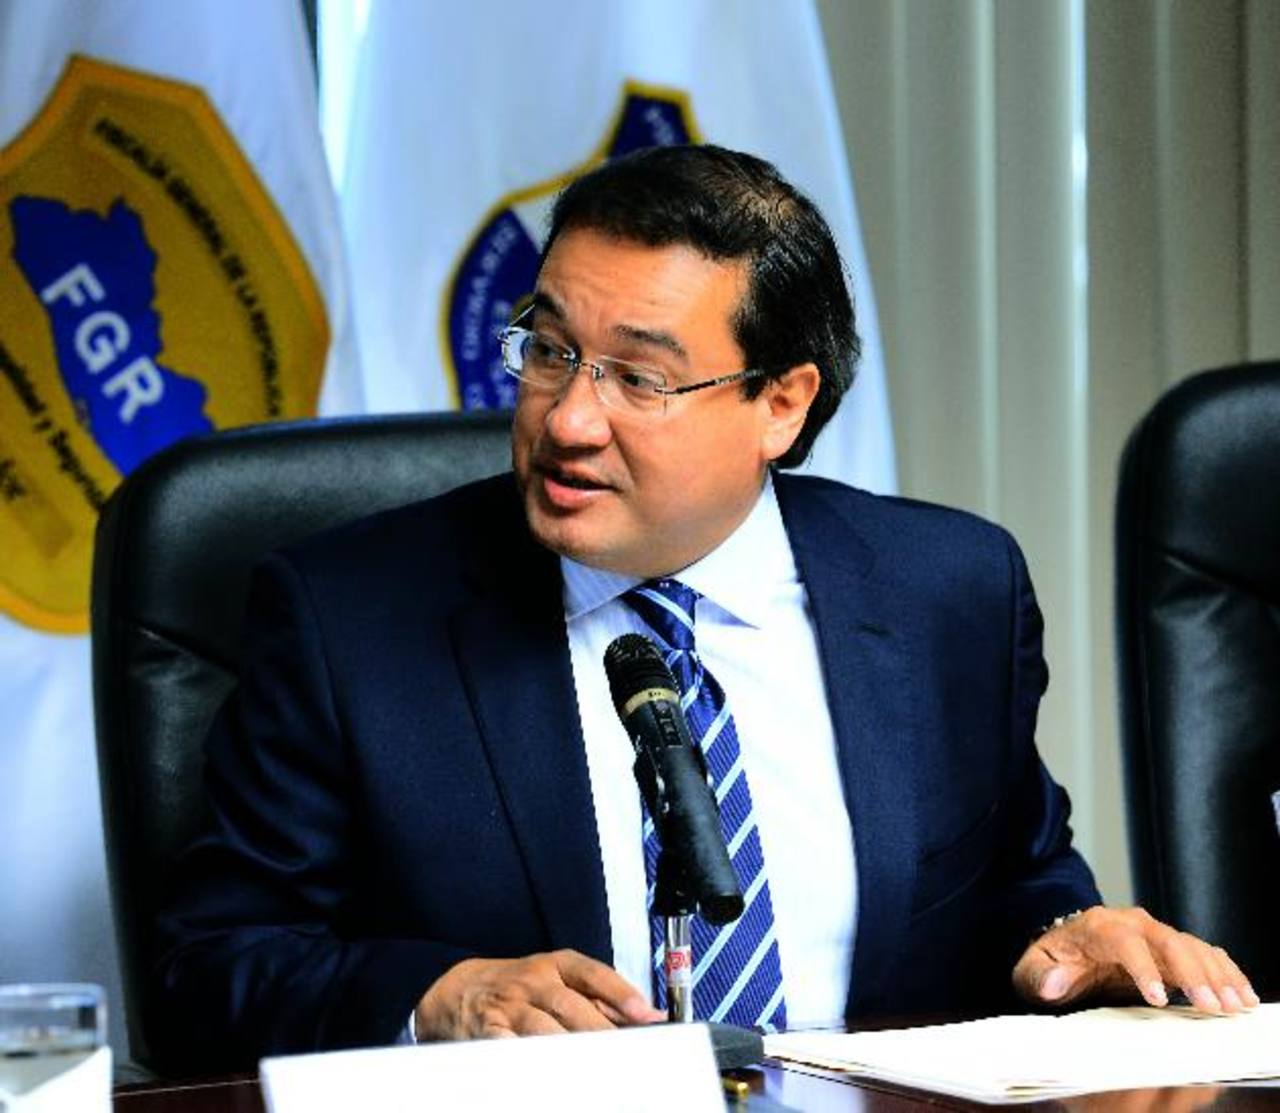 El Fiscal General de la República Luis Antonio Martínez habría ordenado la remoción de los cargos. FOTO EDH Archivo.